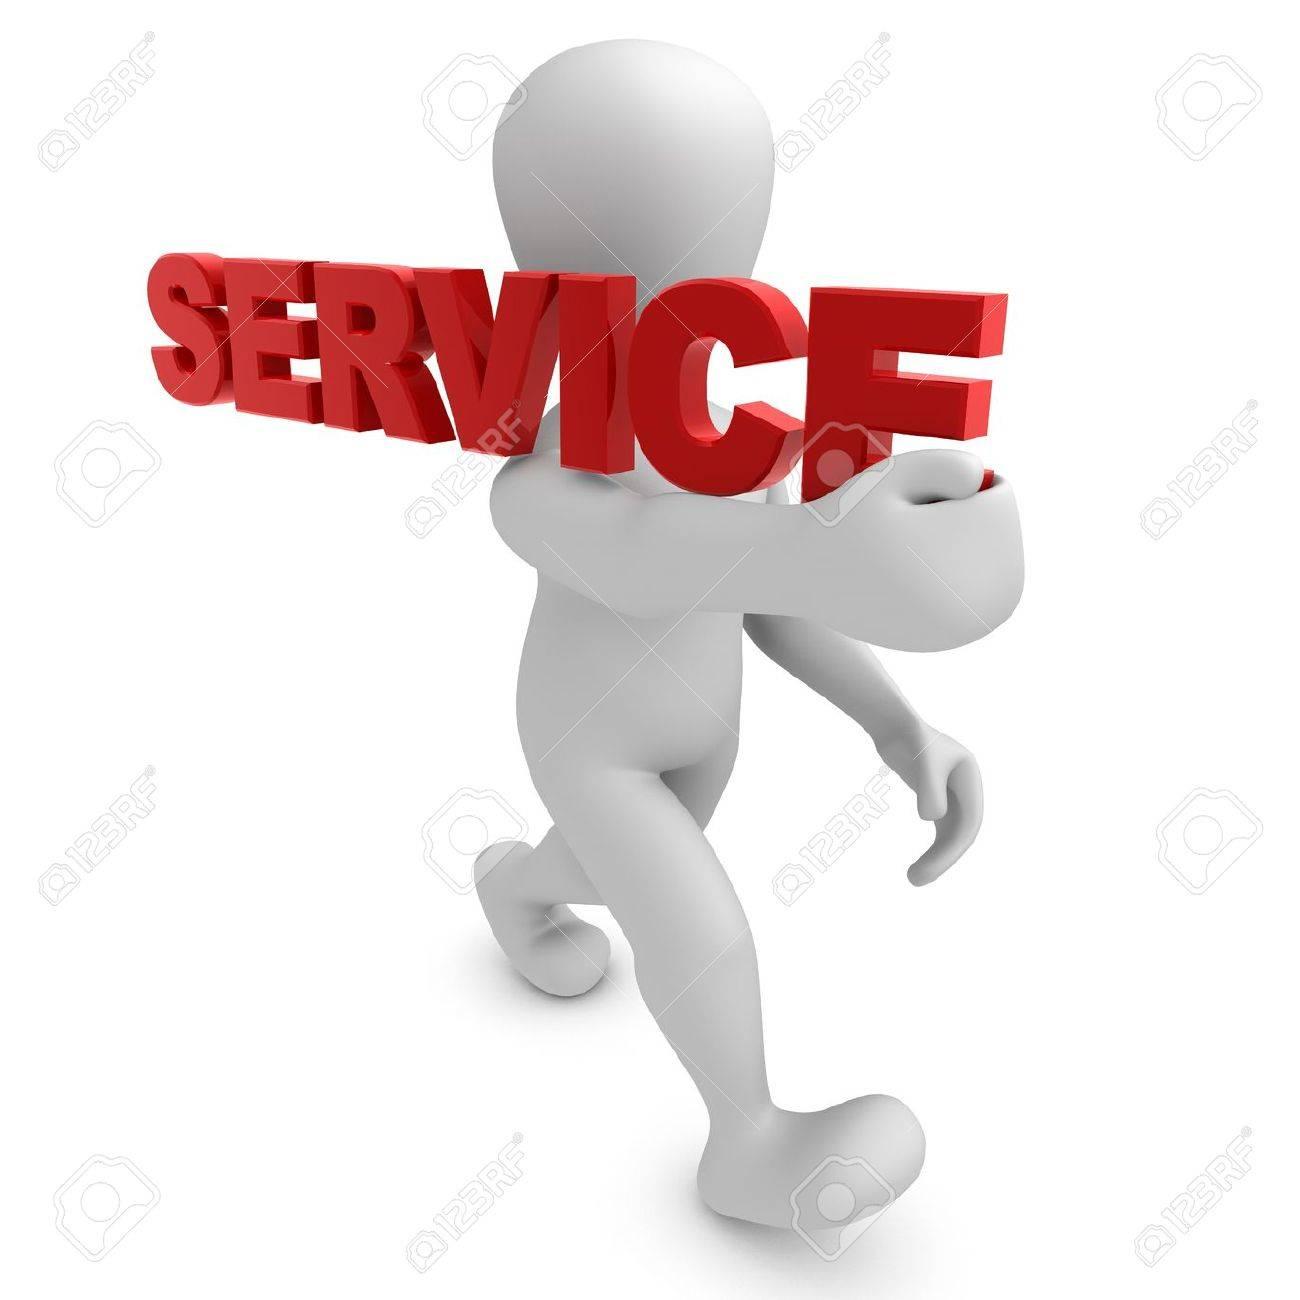 Borko shoulder SERVICE Standard-Bild - 8402862